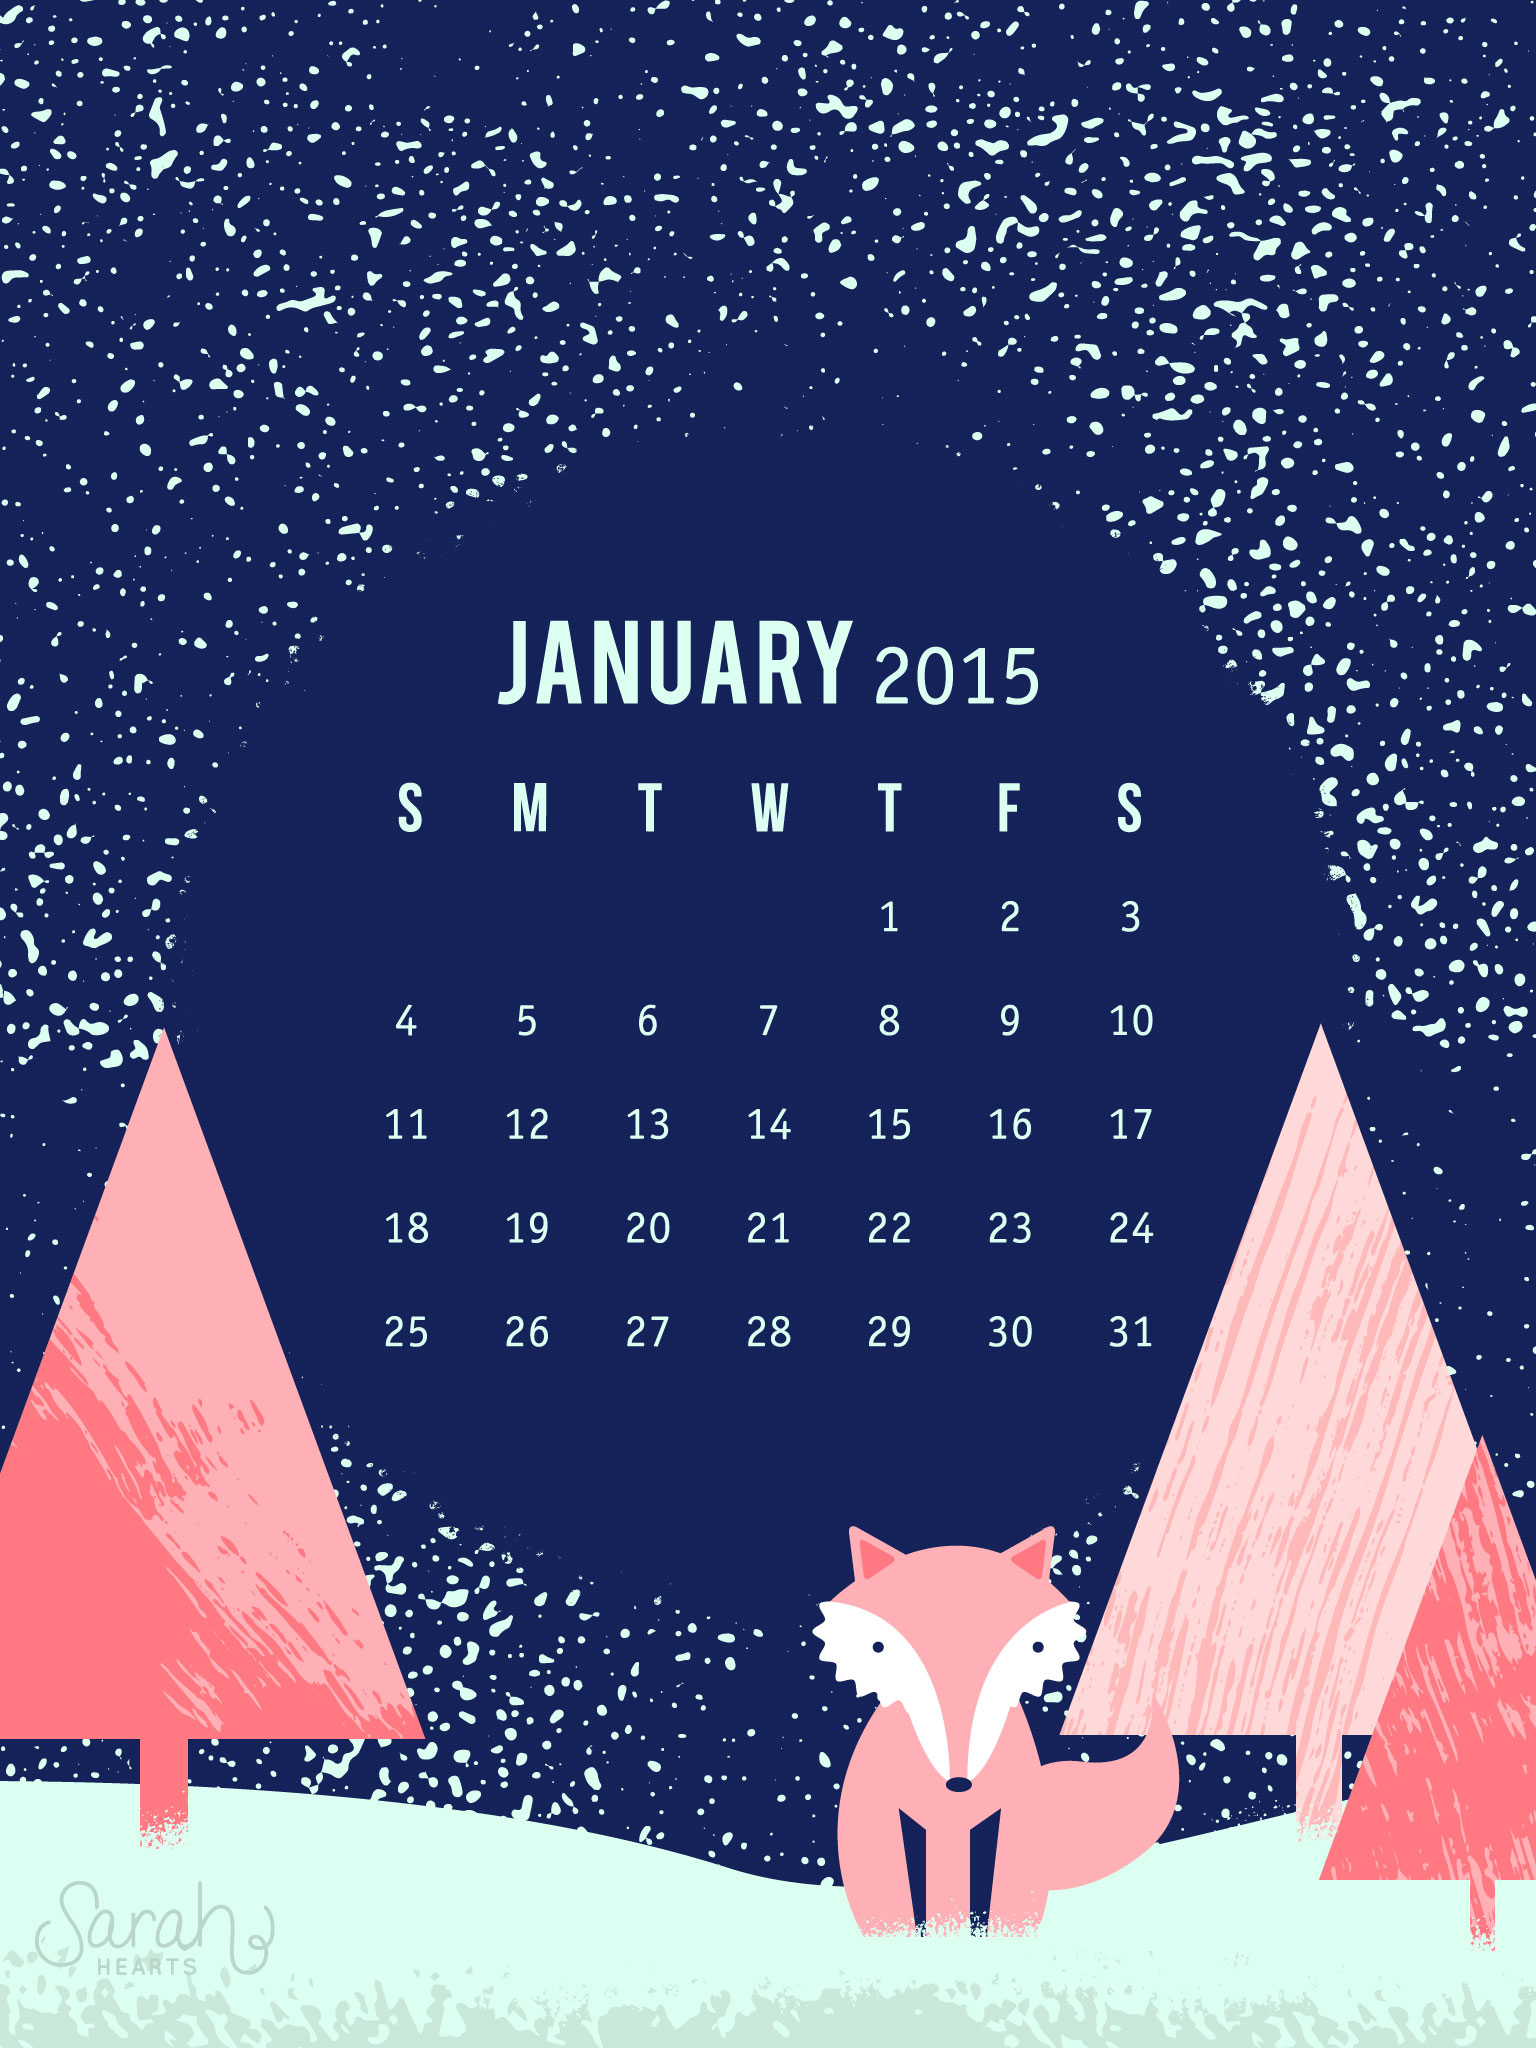 Cute November Calendar Wallpaper January 2015 Calendar Wallpaper Sarah Hearts